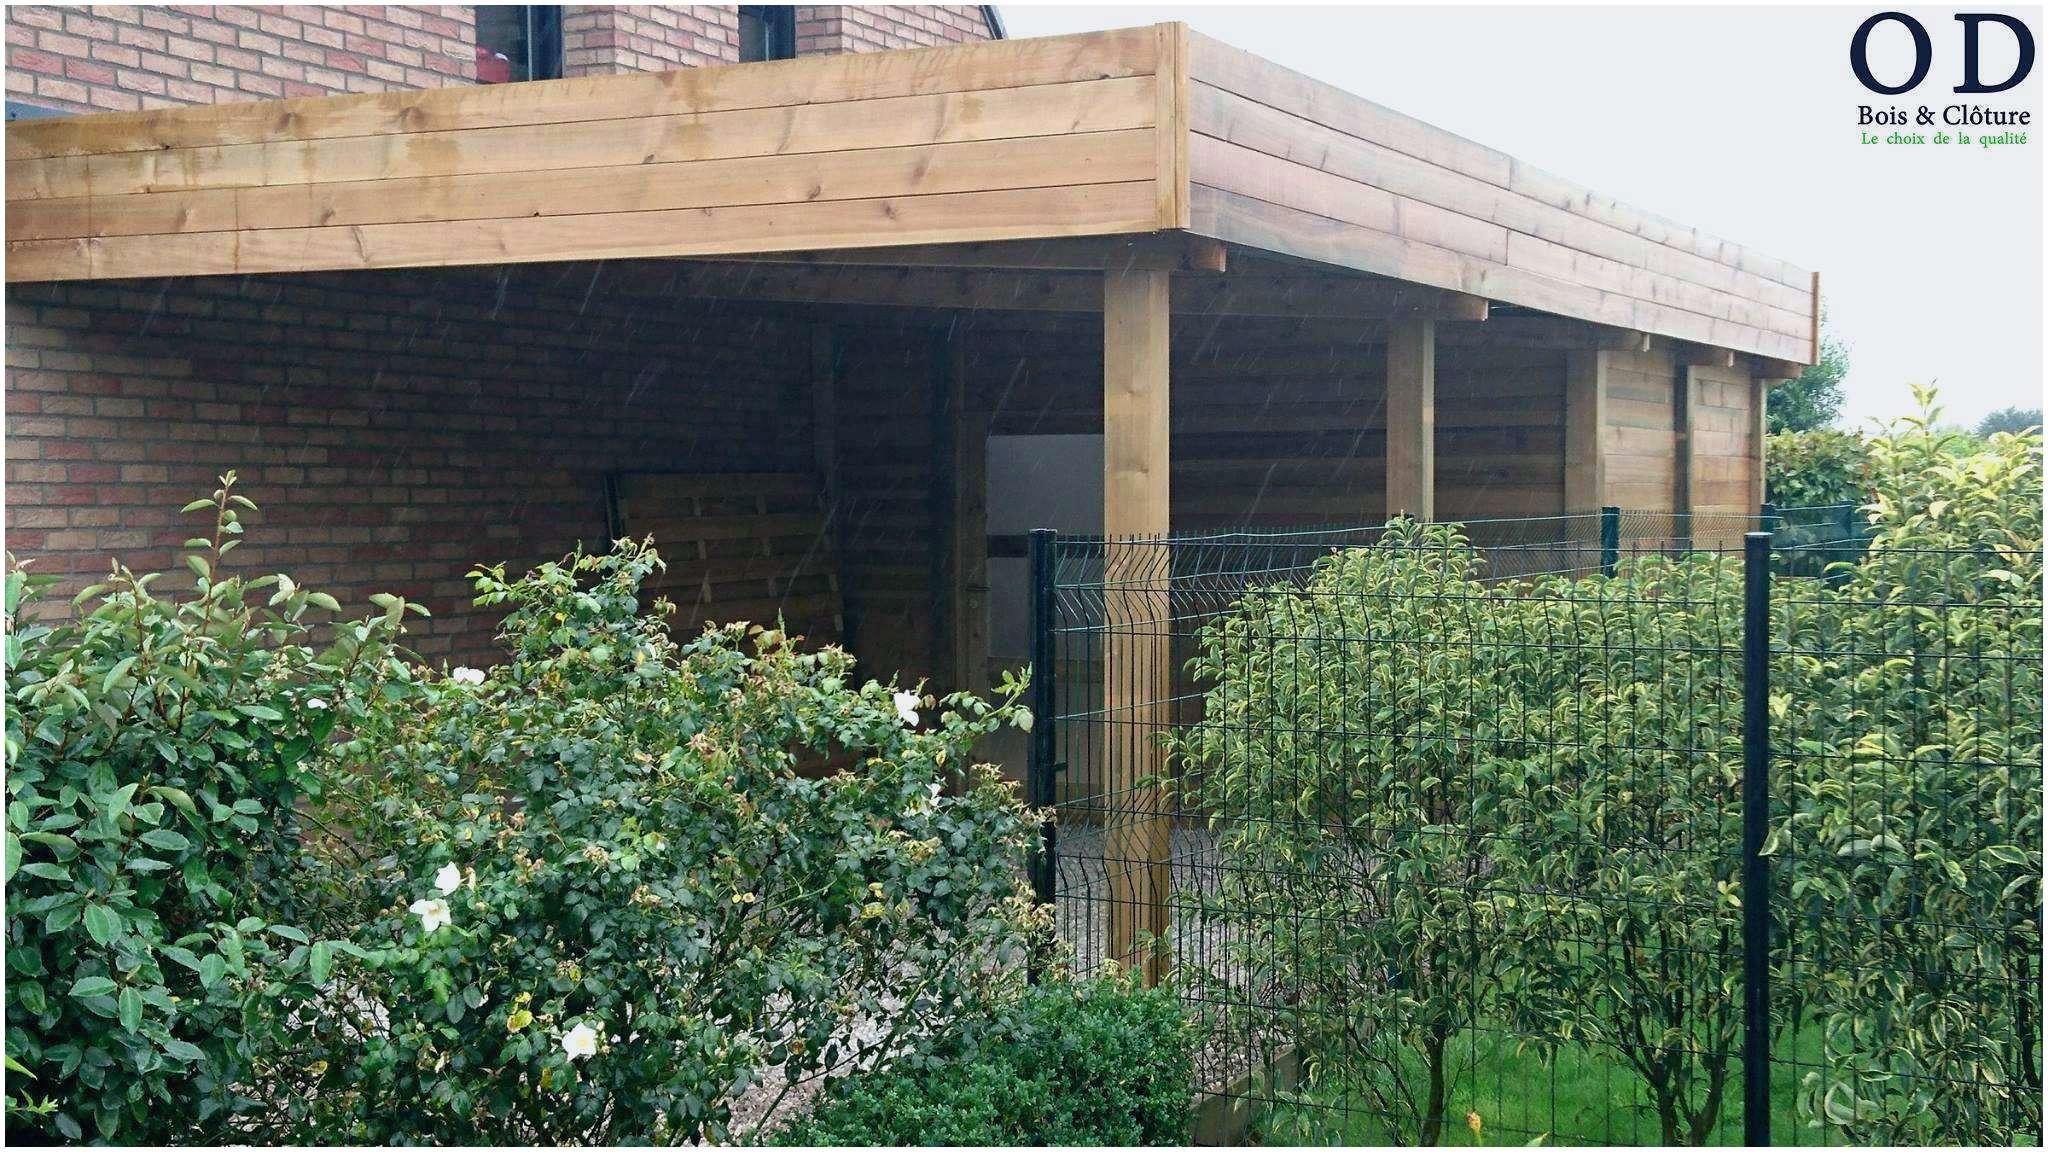 garage bois 20m2 bois toit plat abri de jardin 20m2 unique abri de jardin toit plat belgique inspire abri de jardin 20m2 luxe 29 luxe abris de jardin belgique galerie pour choix garage bois